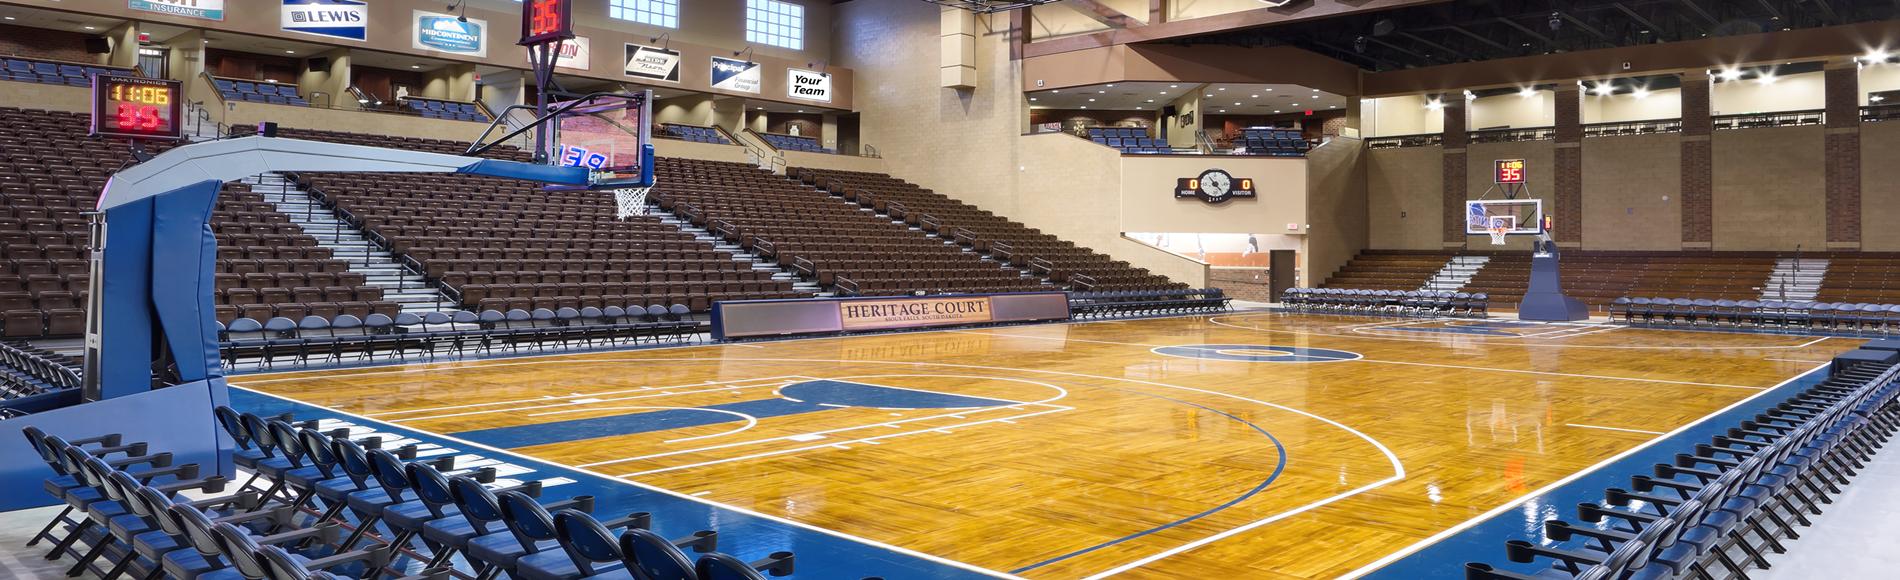 凯洁地板_体育地板_篮球地板_体育木地板_运动木地板